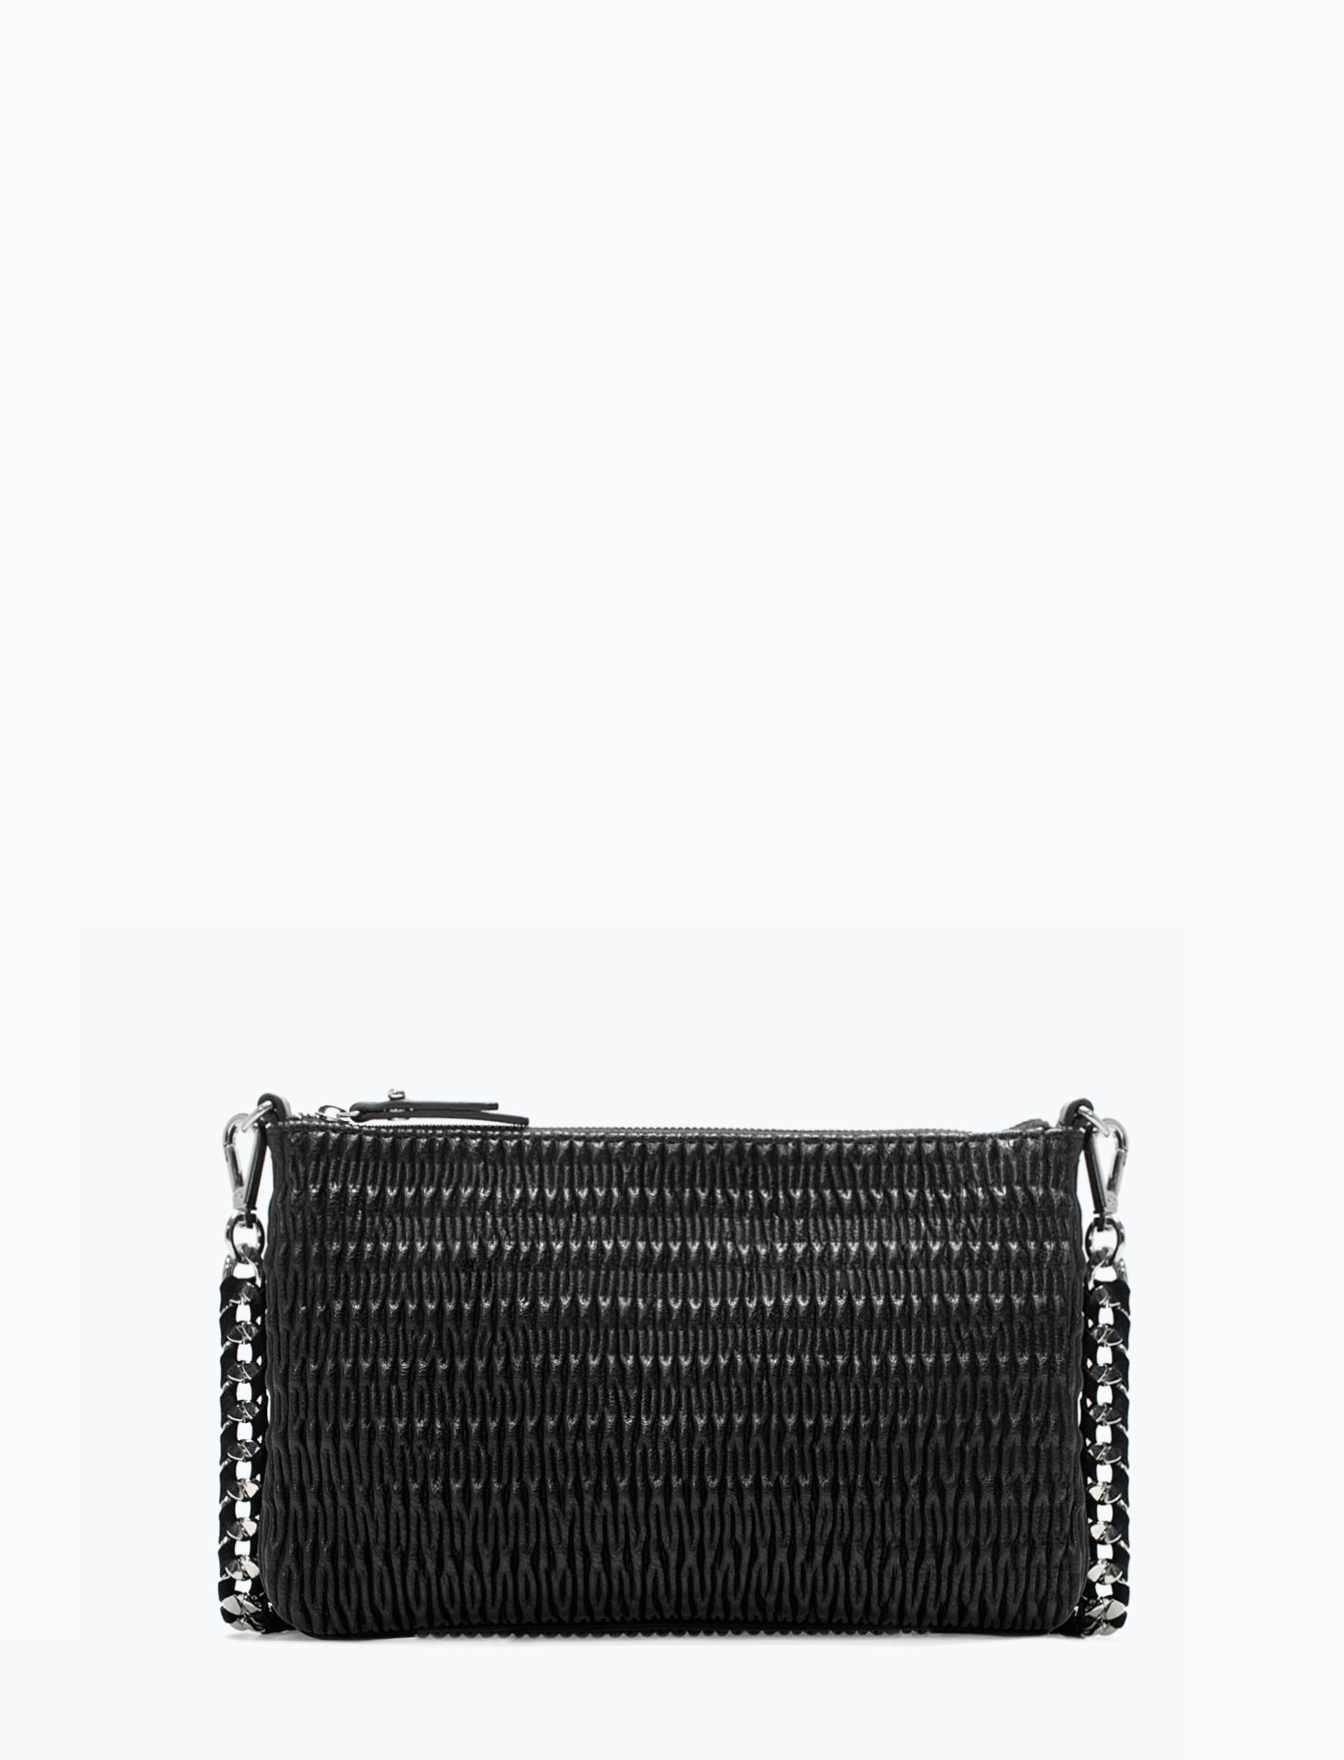 Zara - Sac(40 €)